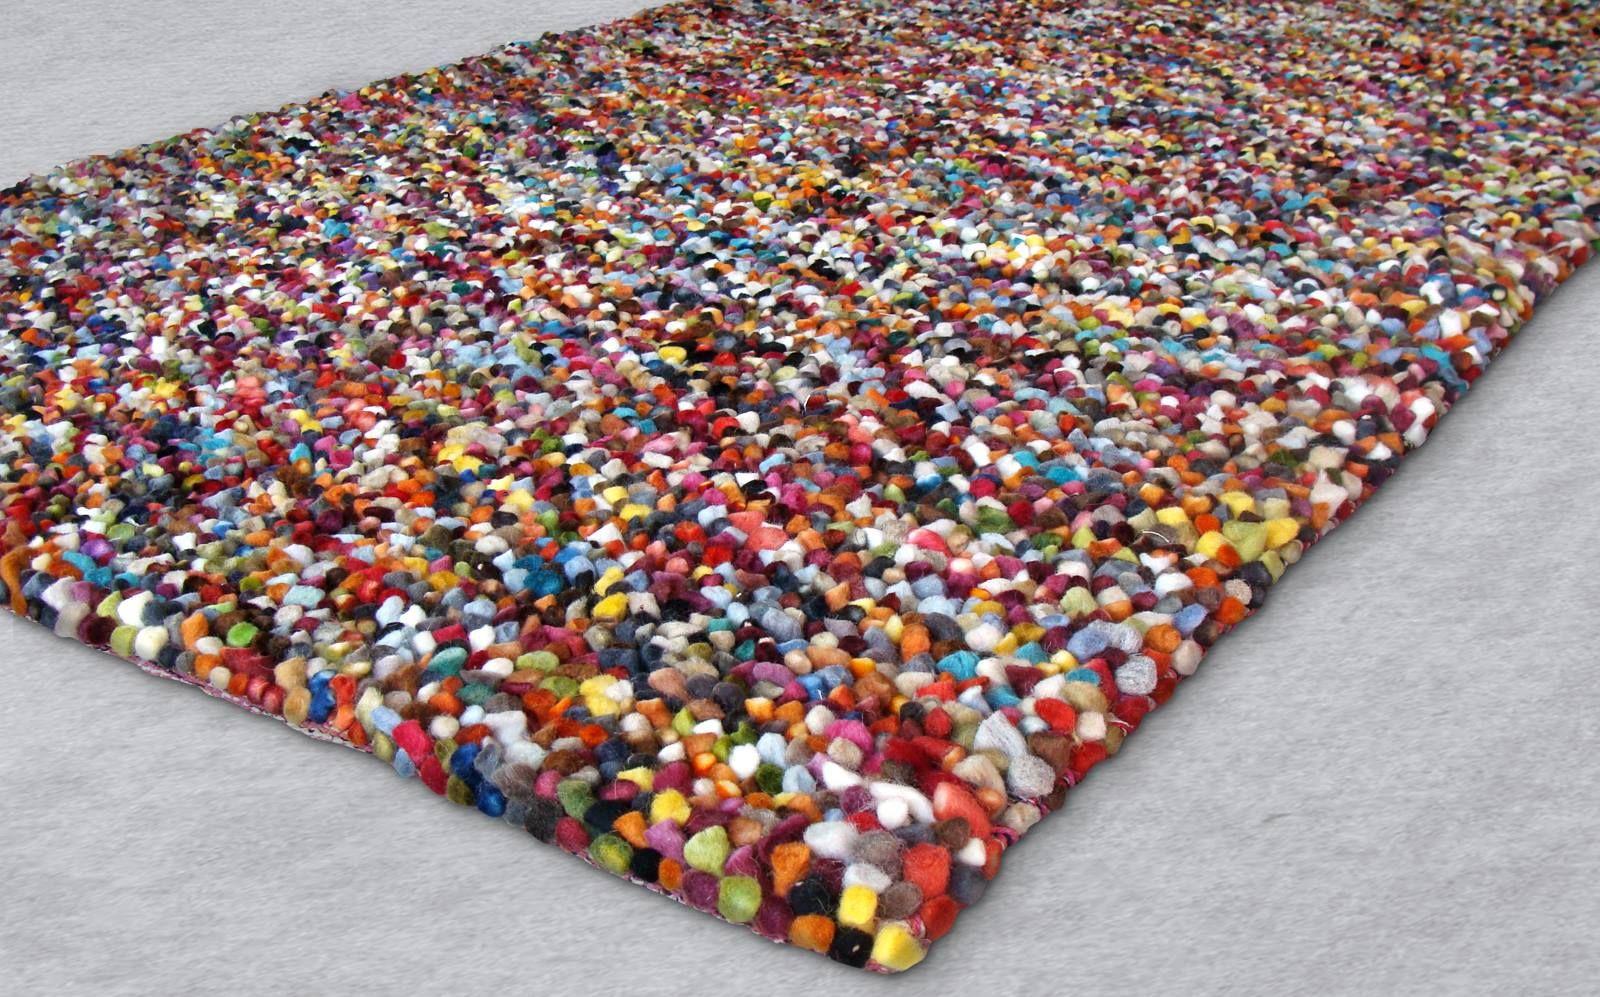 Alfombra barcelona alfombra adore alfombra box cuadro saln comedor alfombras el corte ingls - Alfombras en barcelona ...